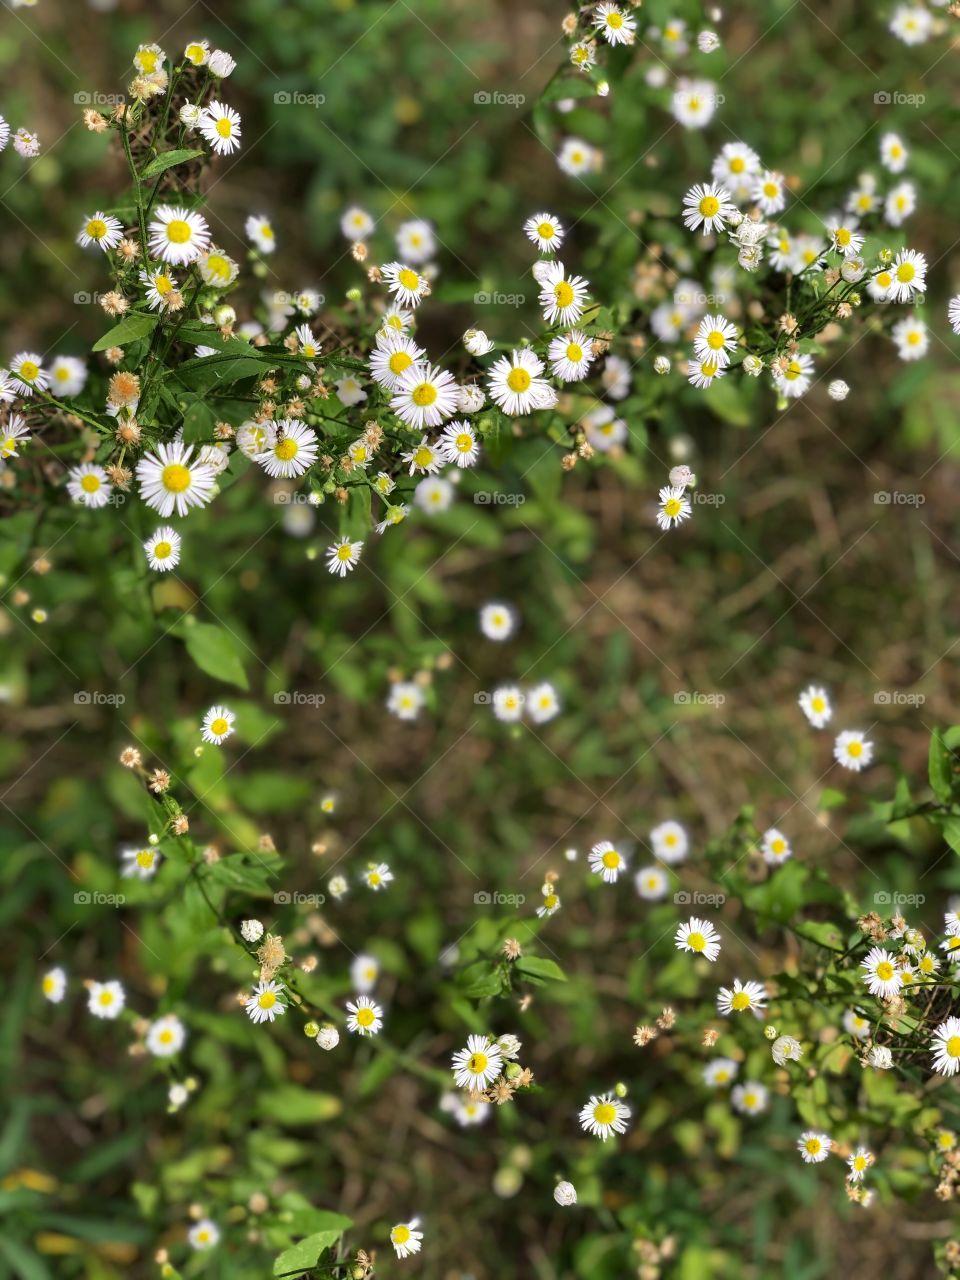 Polka dot nature - White x Green Mission